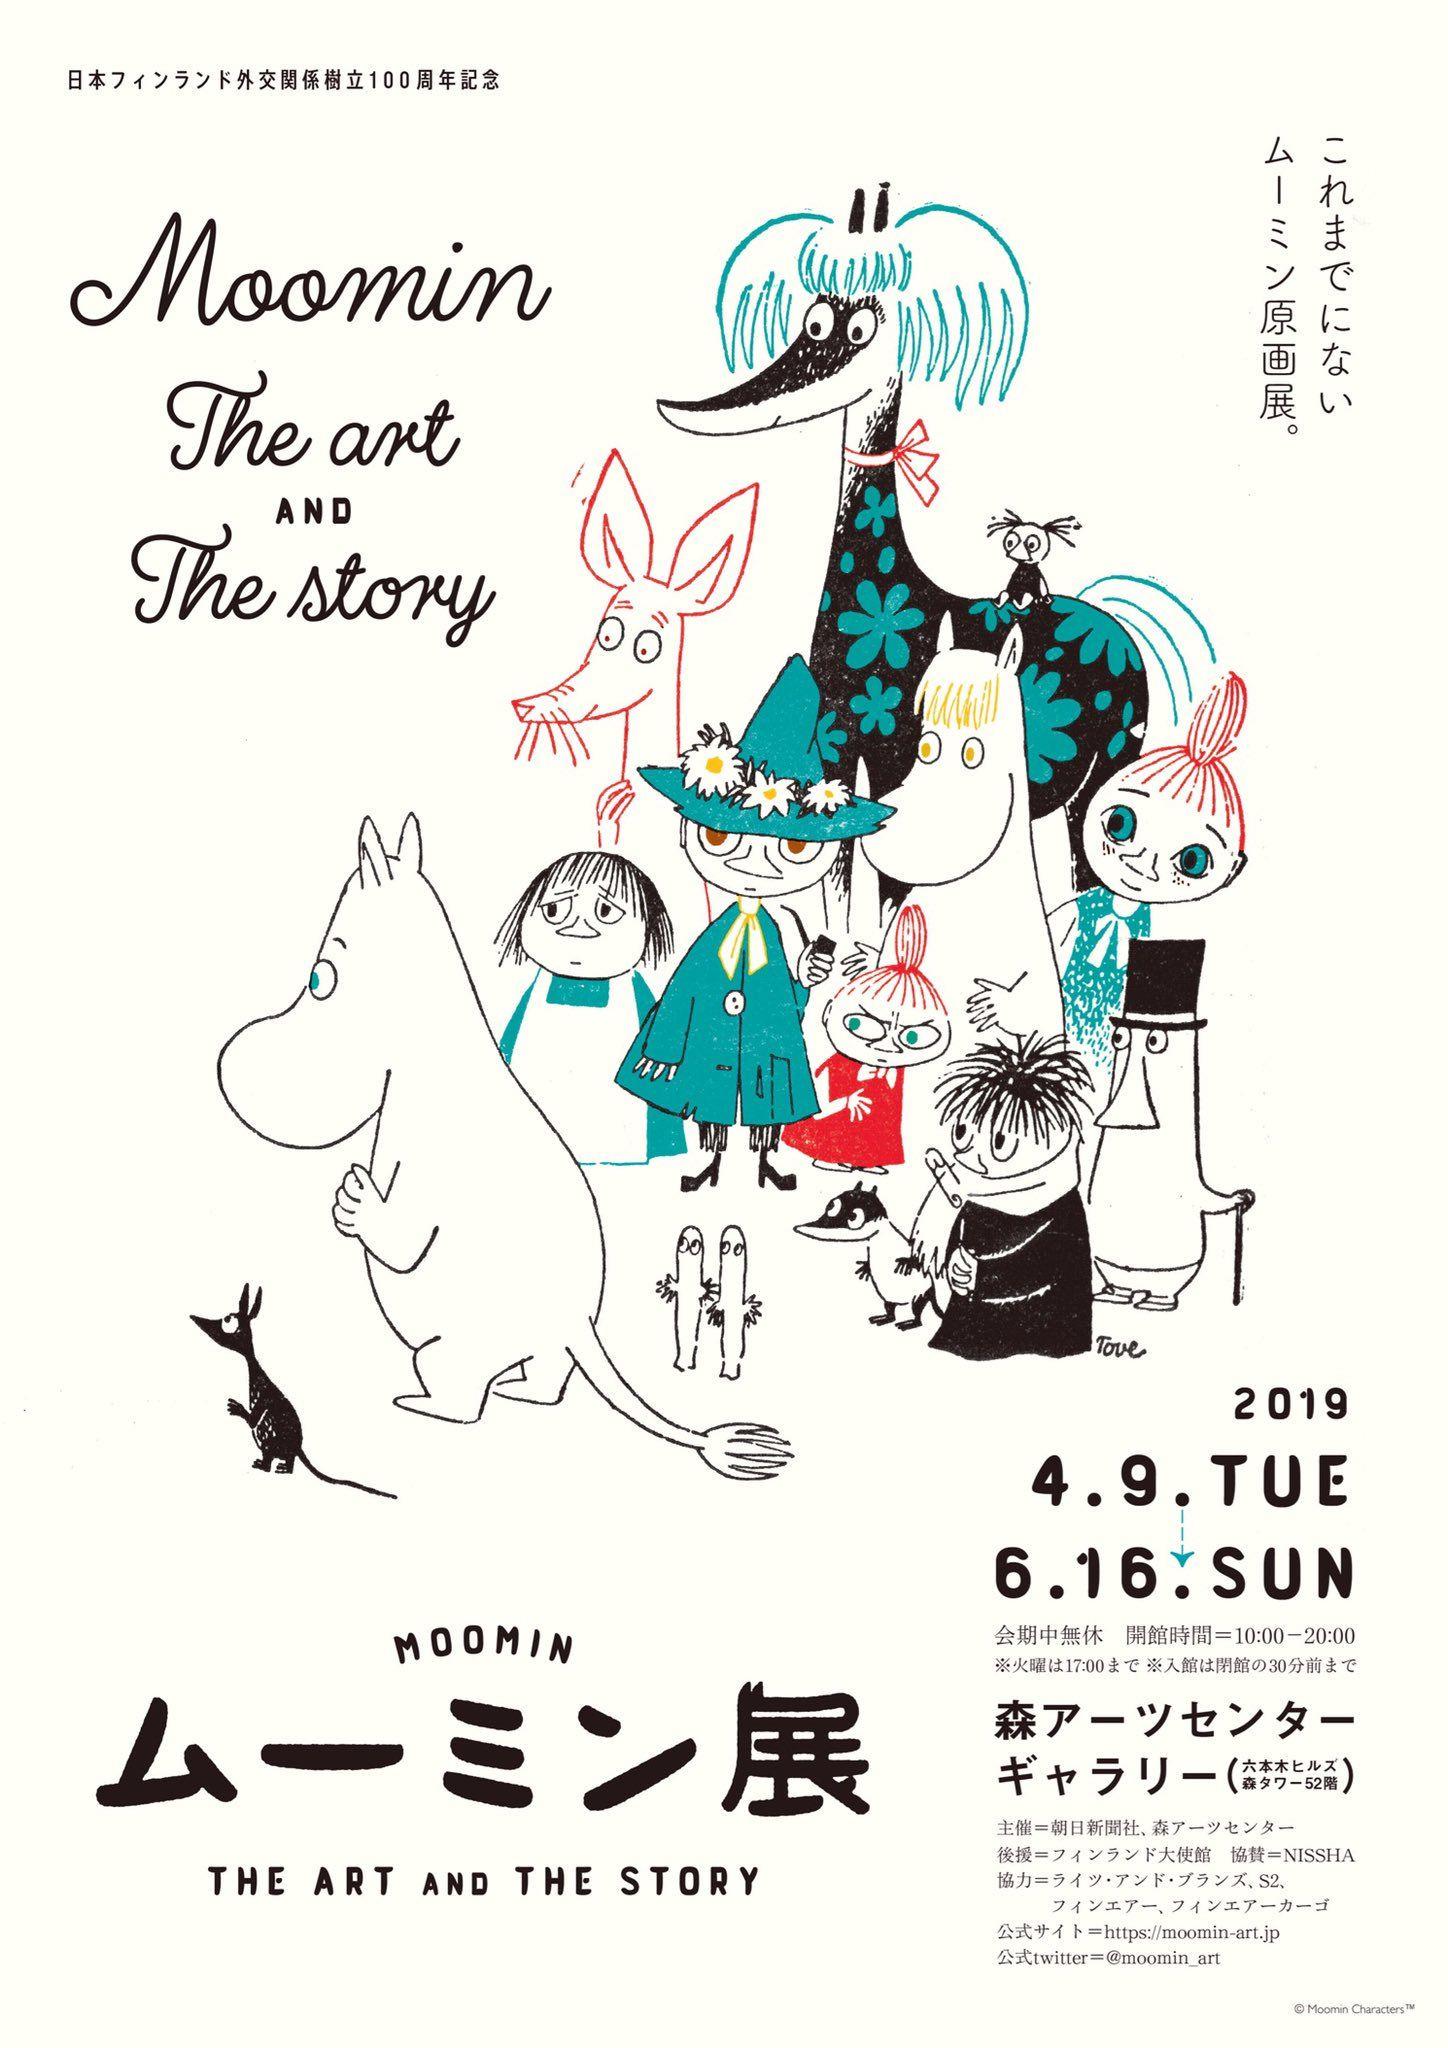 大島依提亜 on twitter illustration design illustrations poster poster design